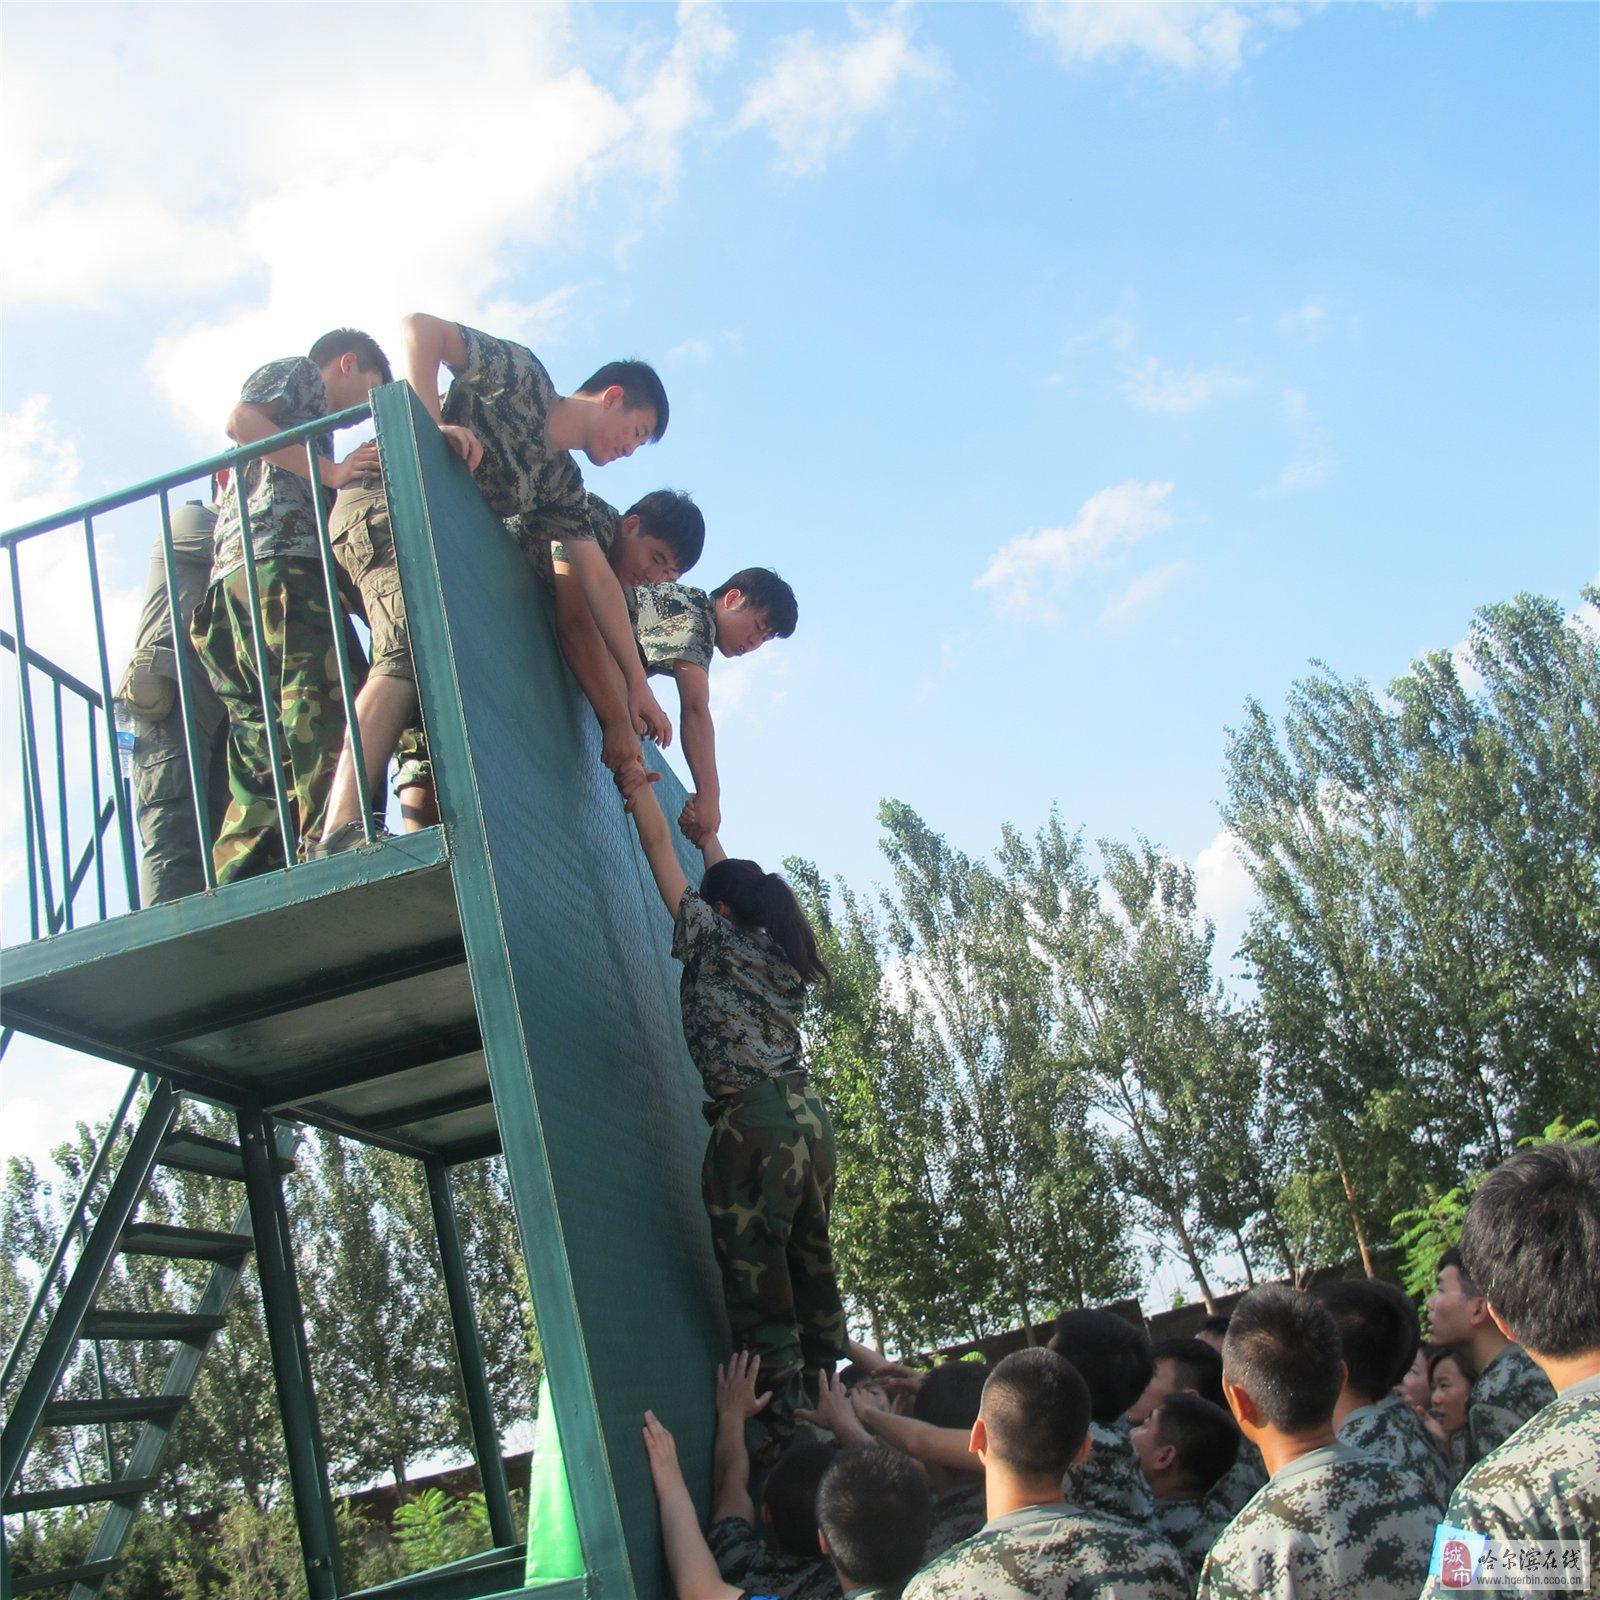 黑龙江军旅拓展训练中心自成立以来一直受到各大,中,小企业的欢迎